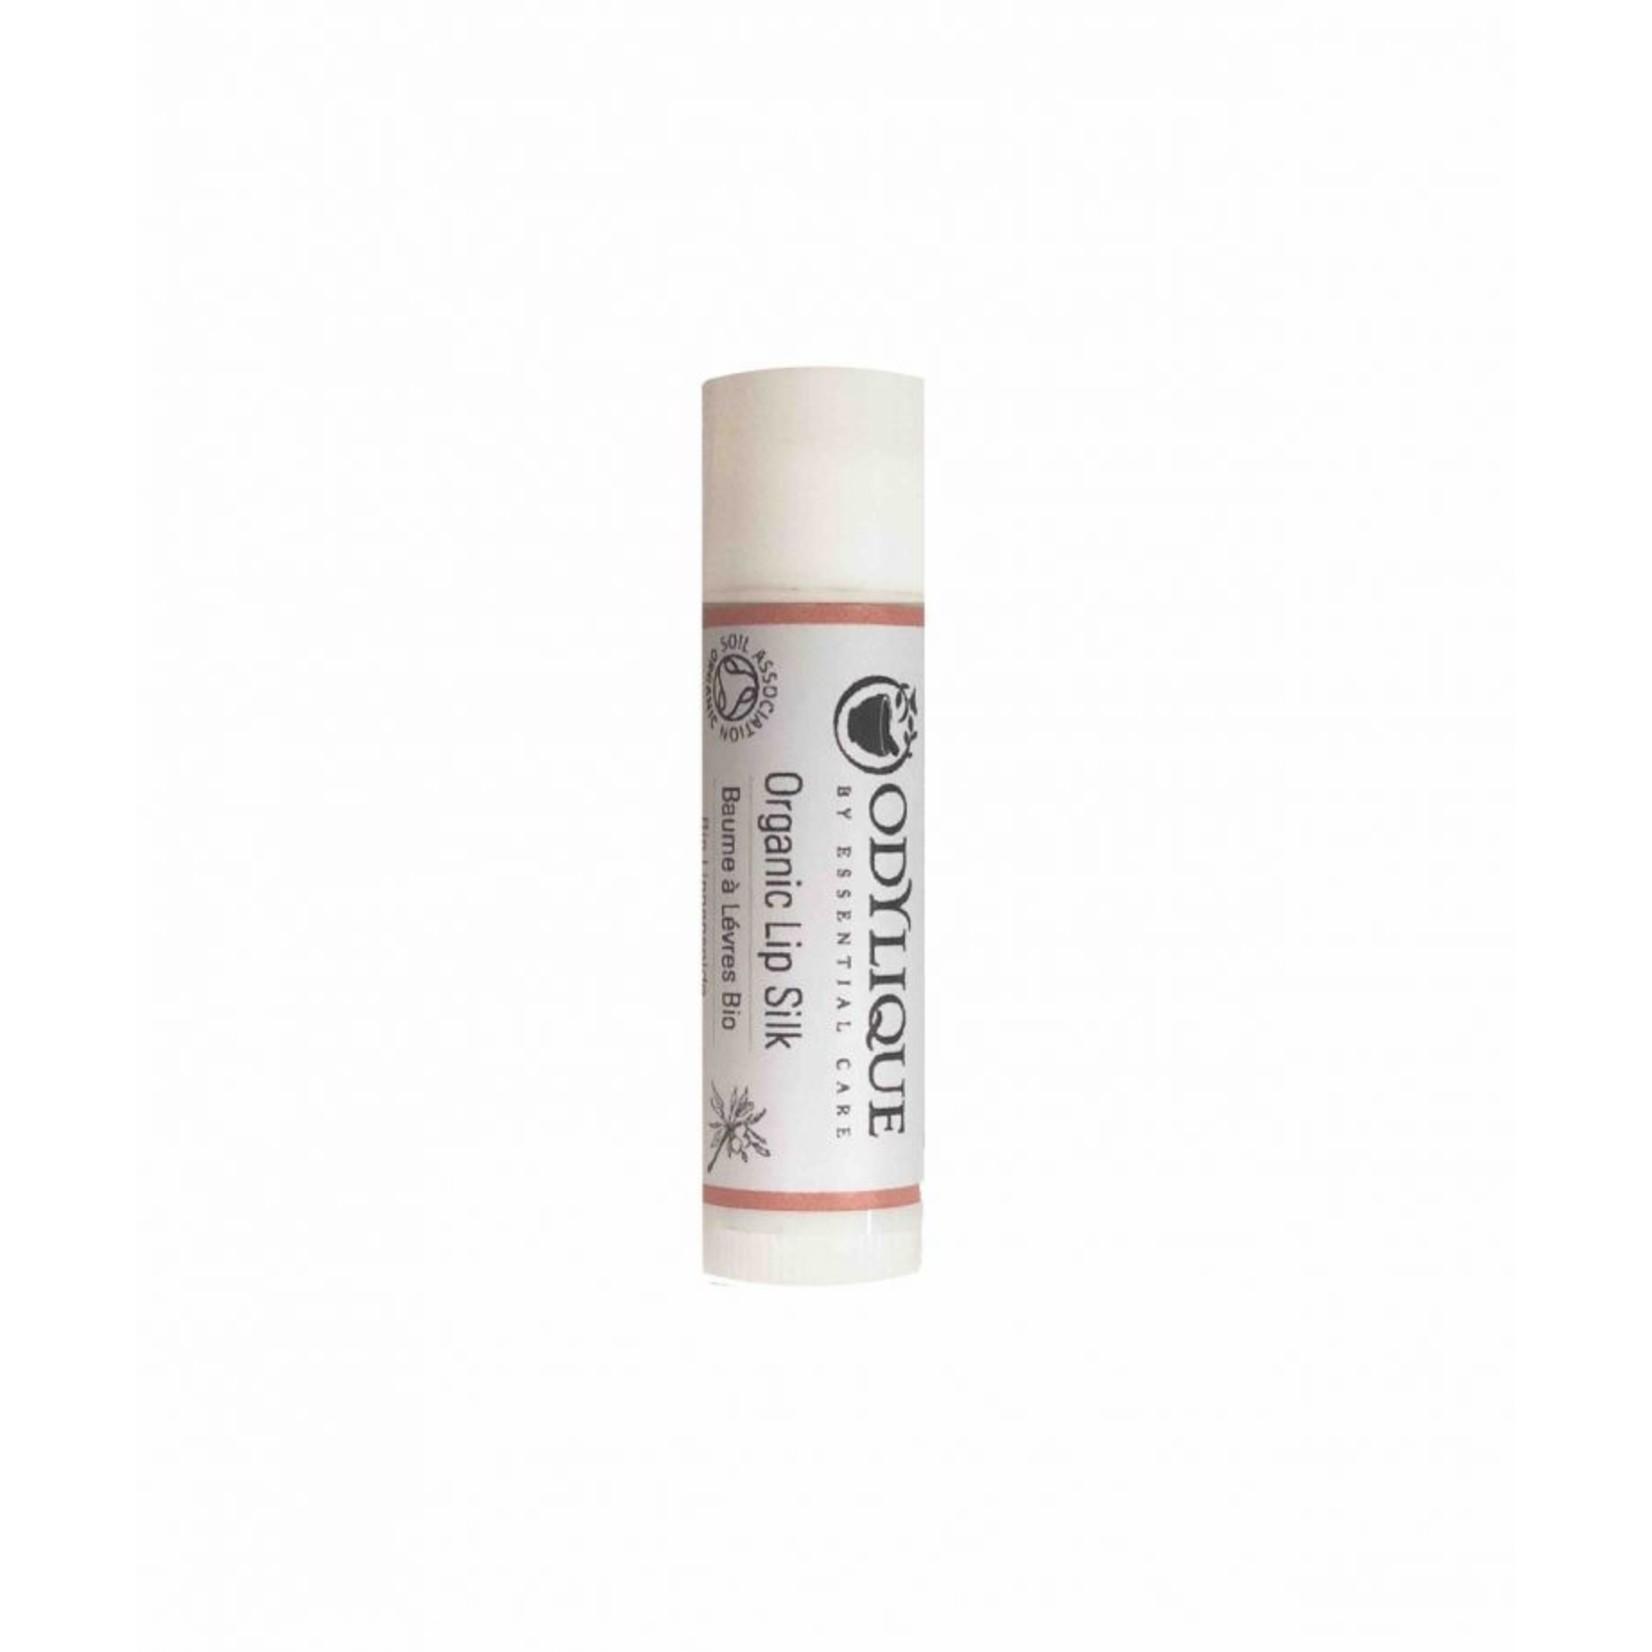 Odylique Lip silk Odylique - voor onwaarschijnlijk zachte lippen